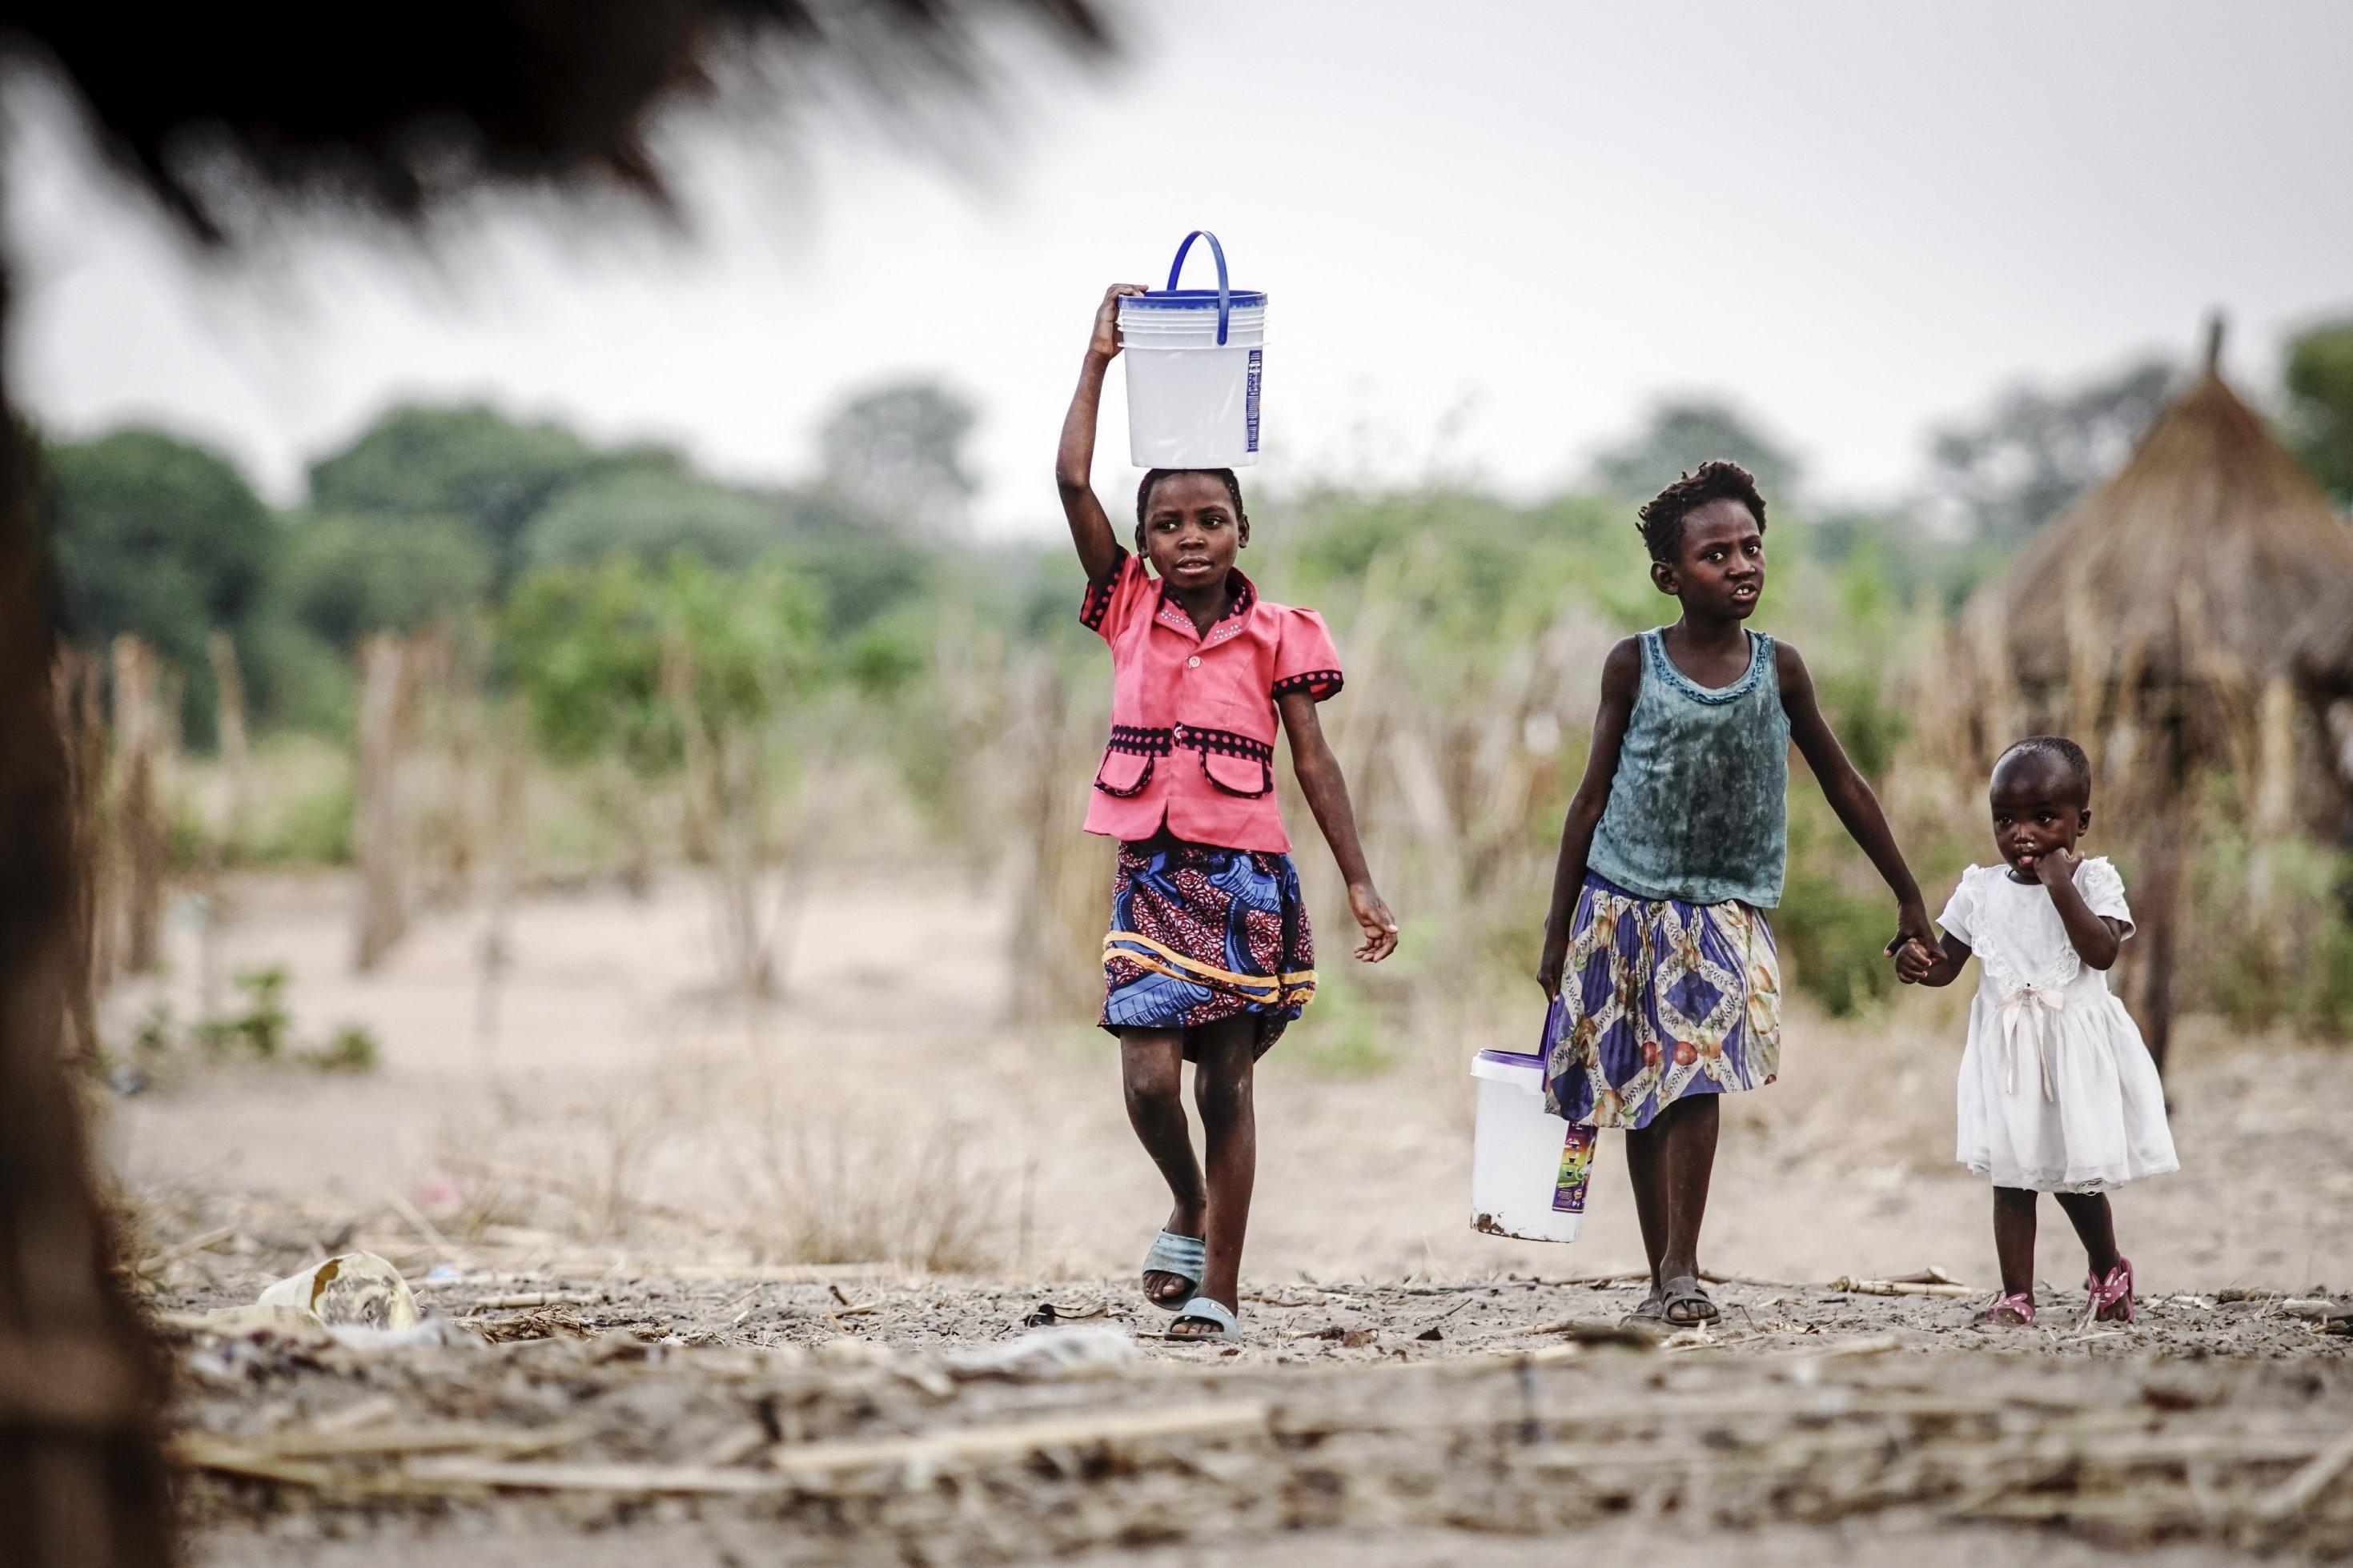 Zwei Mädchen tragen Eimer mit Wasser, eine hat ihn auf dem Kopf, die andere hält ein kleineres Mädchen an der Hand